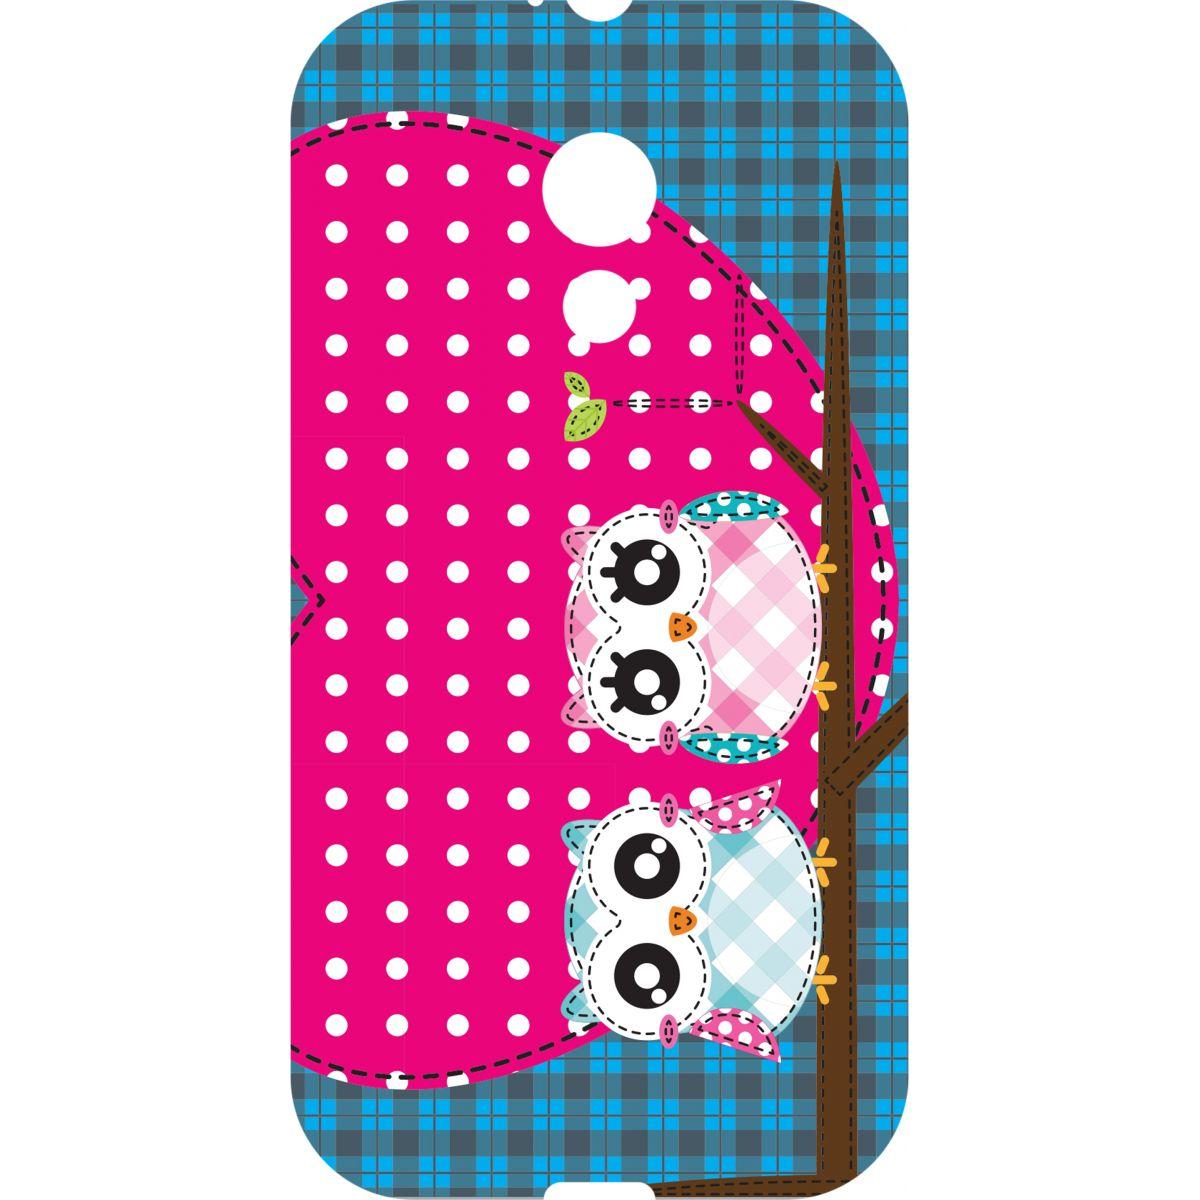 Capa Personalizada para Motorola Moto G2 Xt1069 Xt1068 - MN03